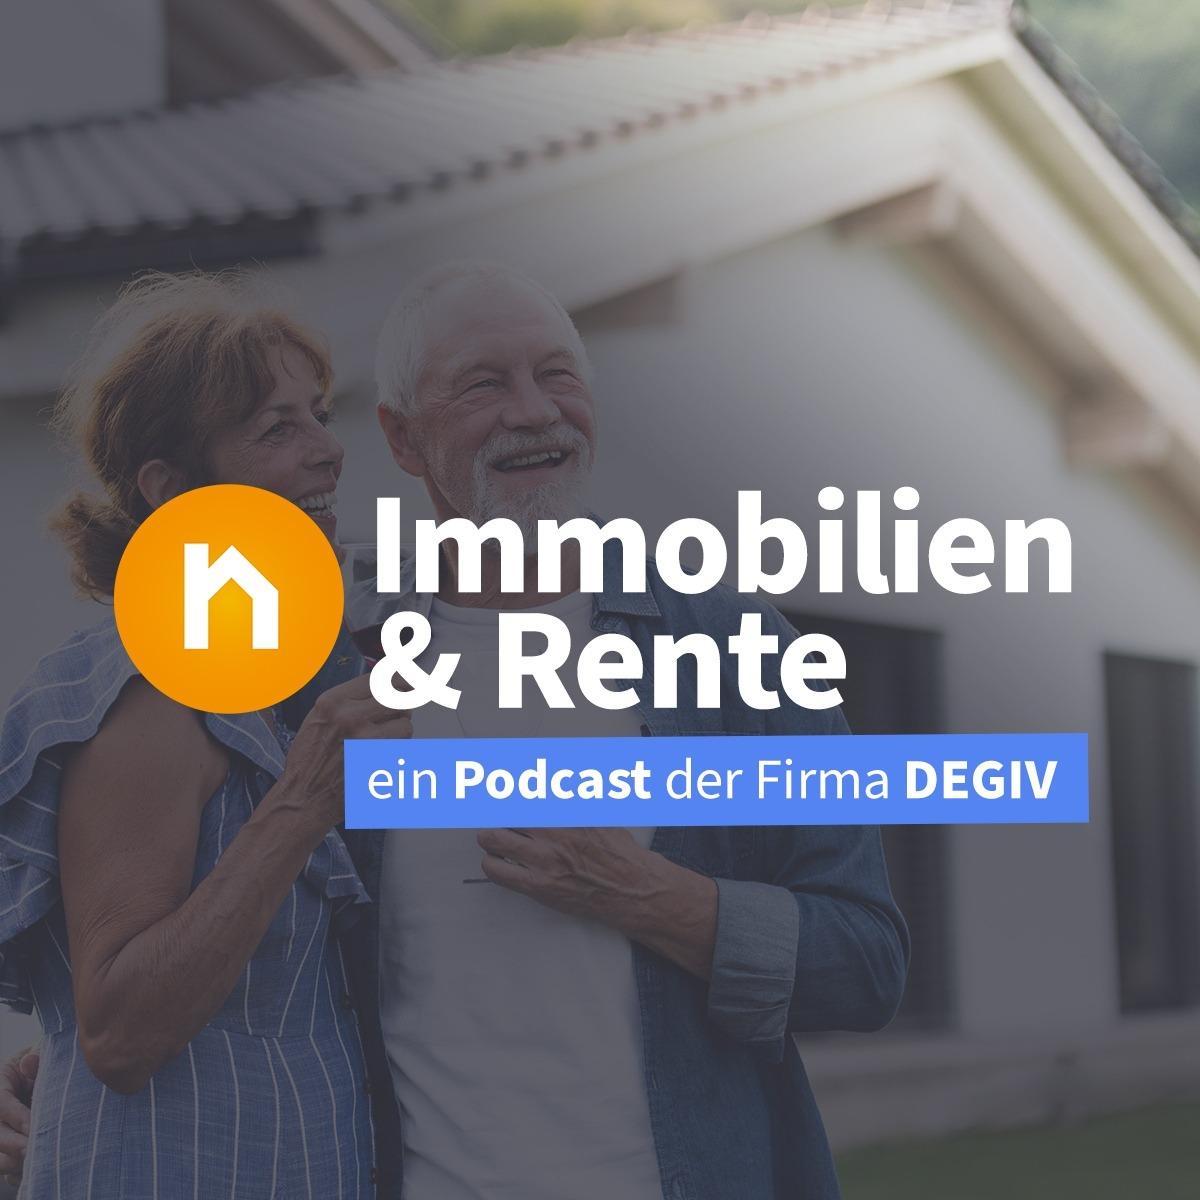 Immobilien & Rente - der Immobilienverrentungs Podcast der Firma DEGIV